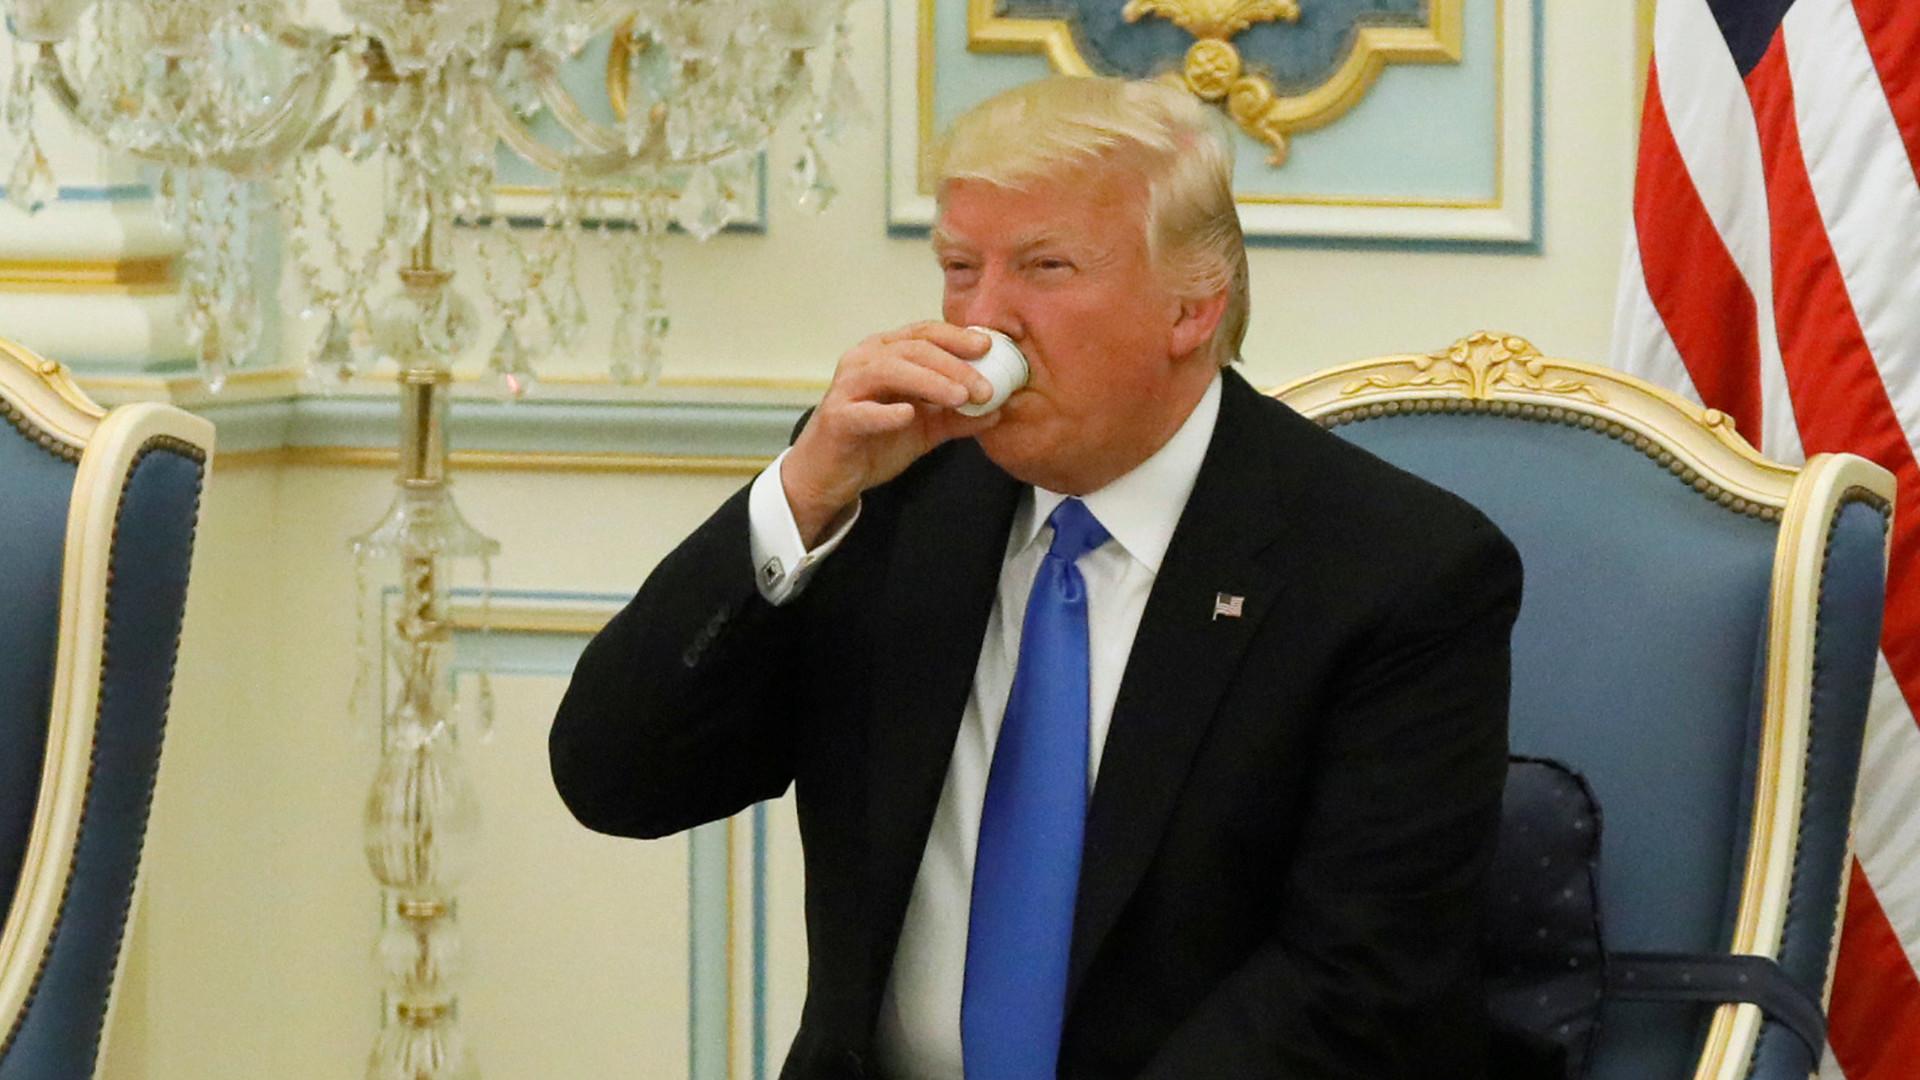 «Тайное письмо  русским»: Клинтон пошутила над опечаткой Трампа в социальная сеть Twitter